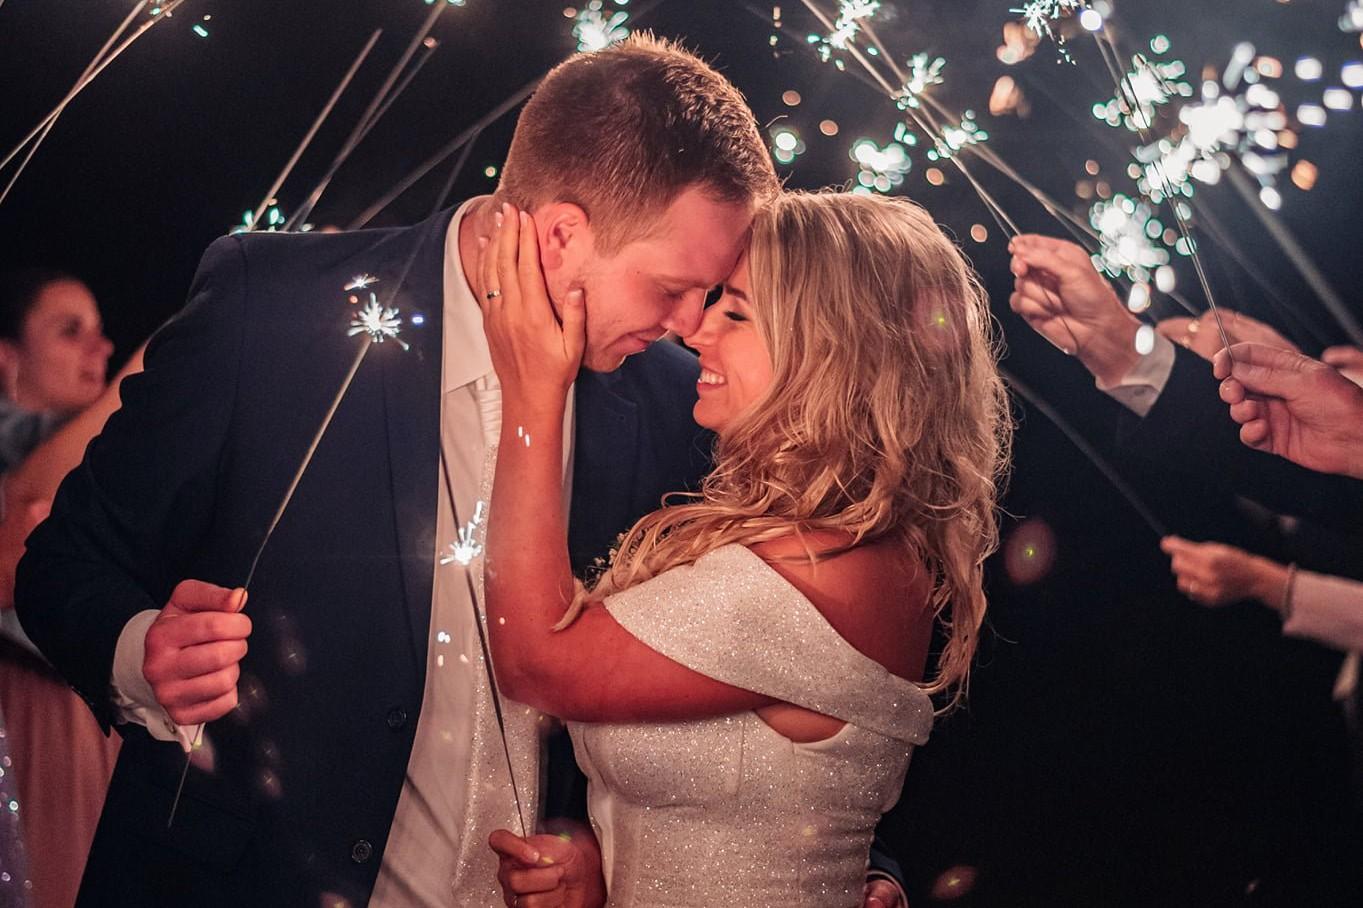 svatba, svatební fotograf, nový bydžov, prskavky, chlumec nad cidlinou, pension alvin, svatební fotky s prskavkami